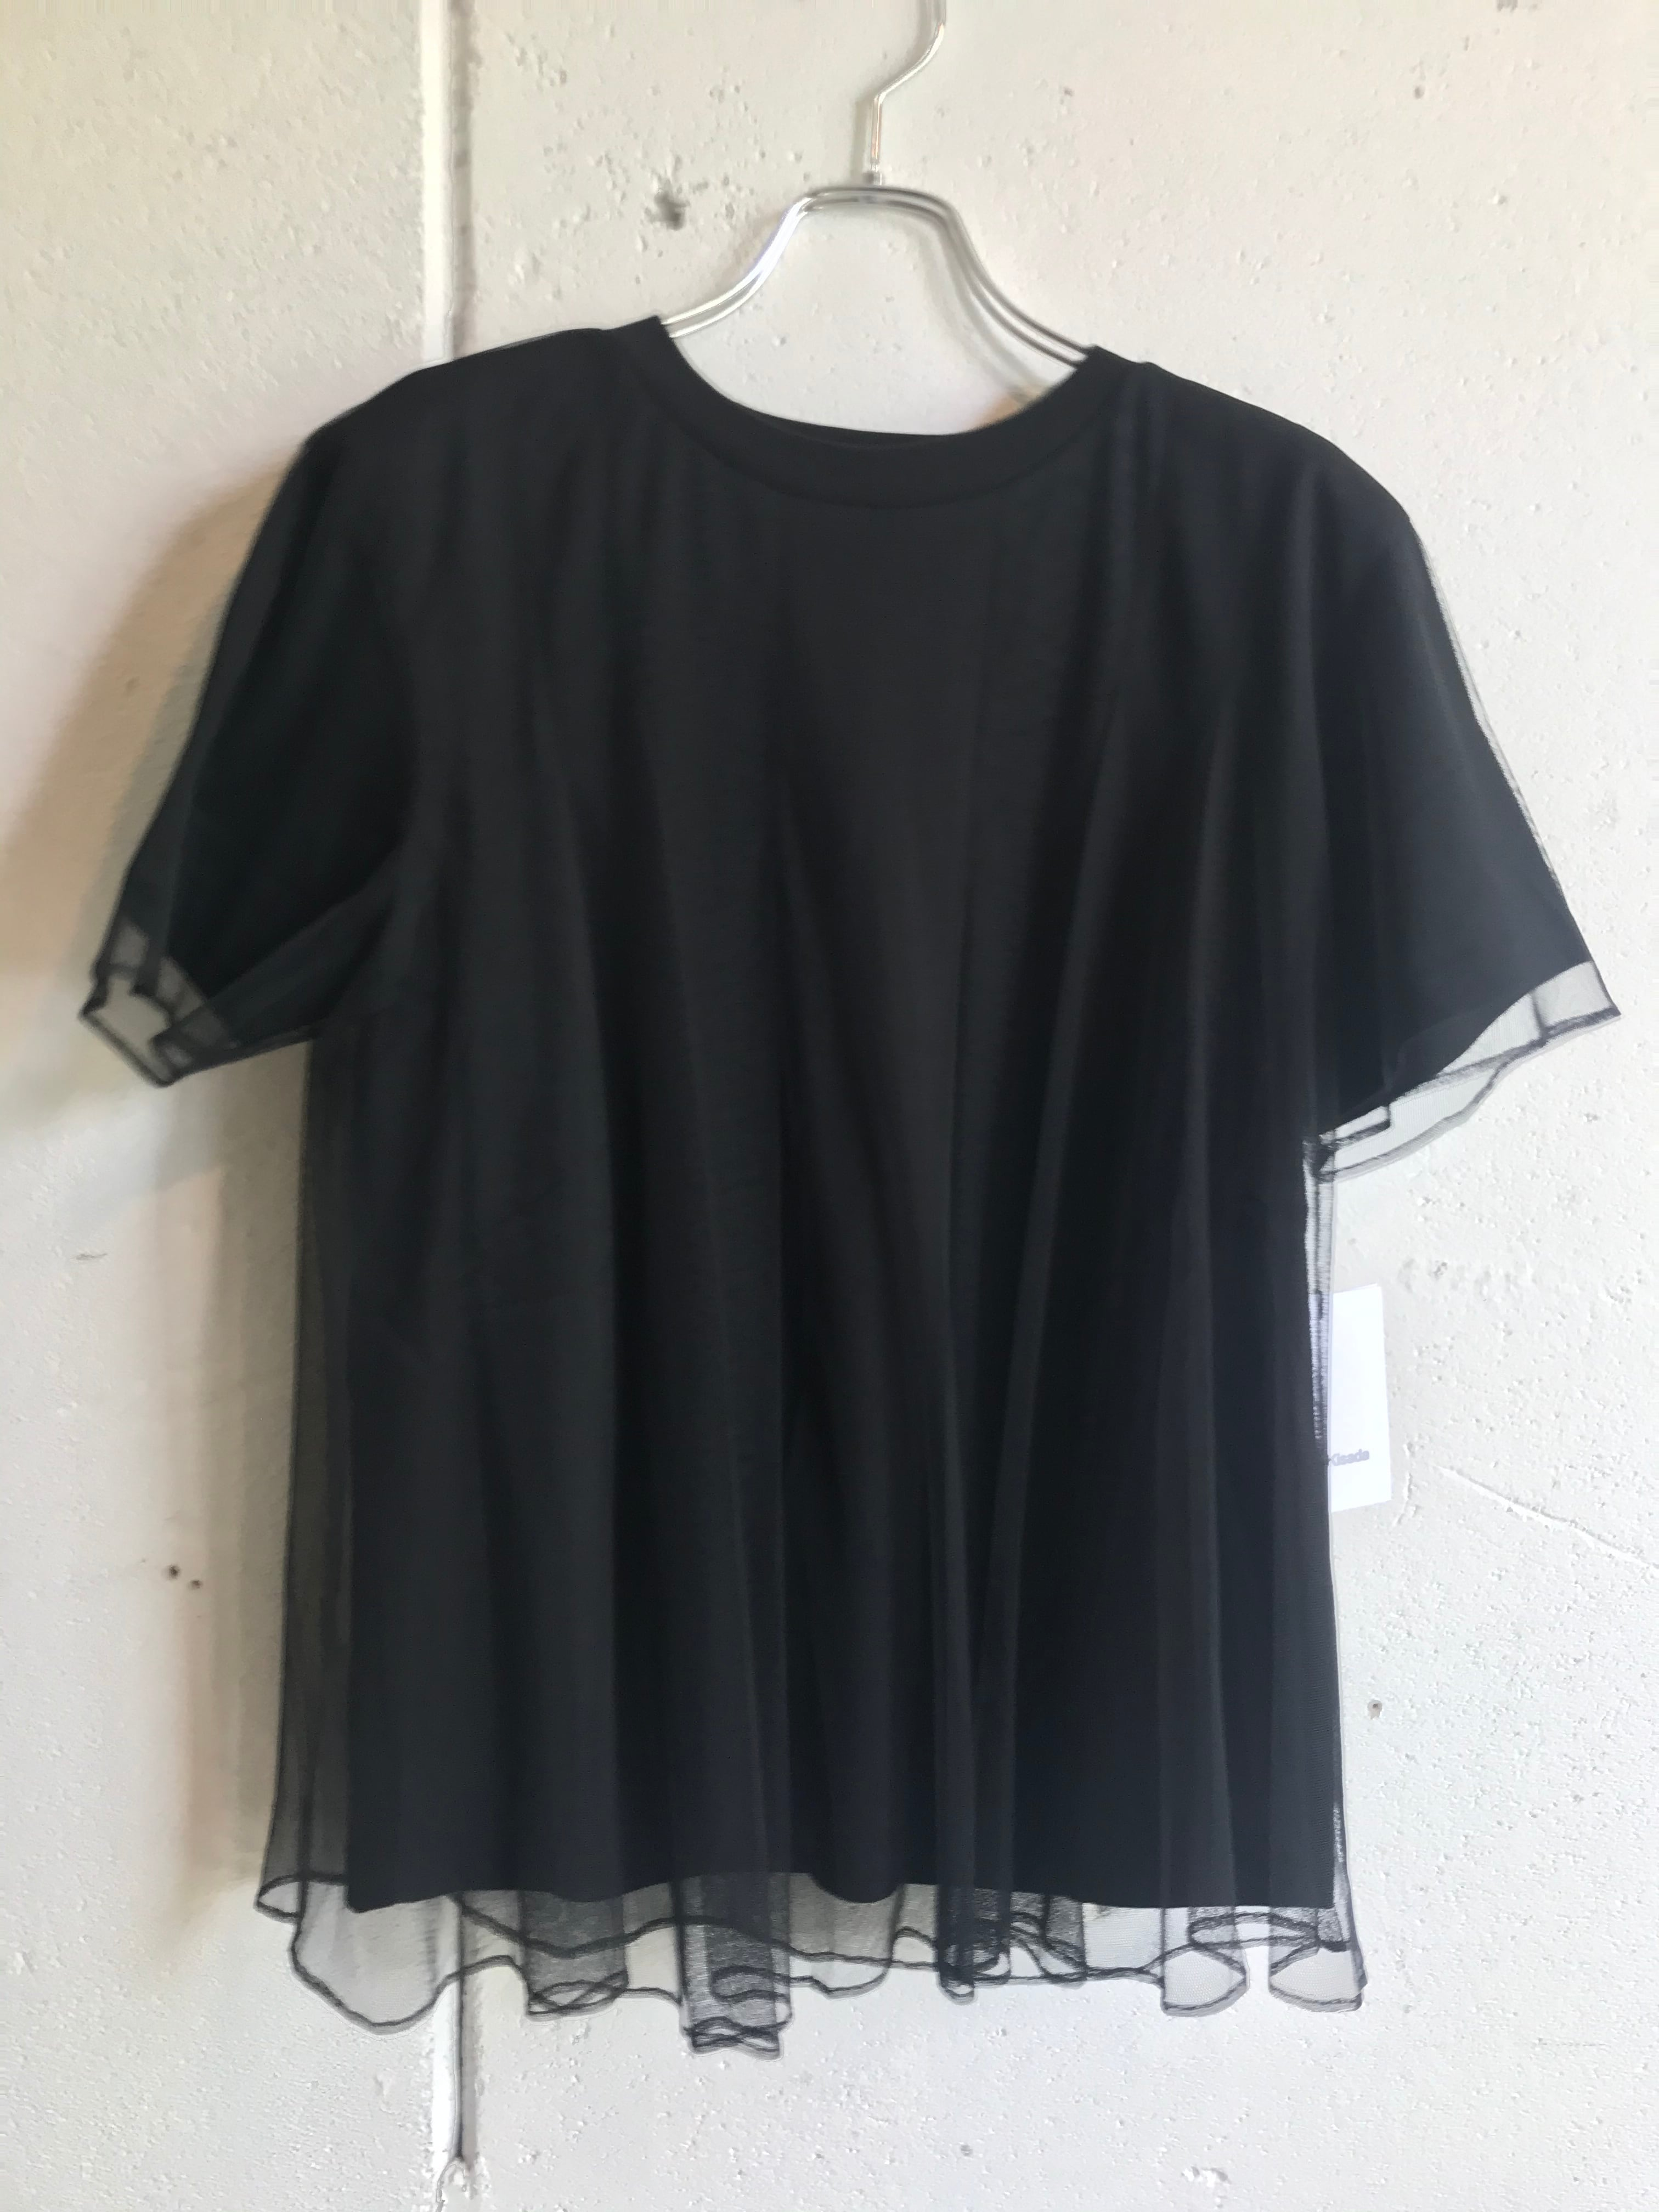 Chika Kisada tule t-shirt